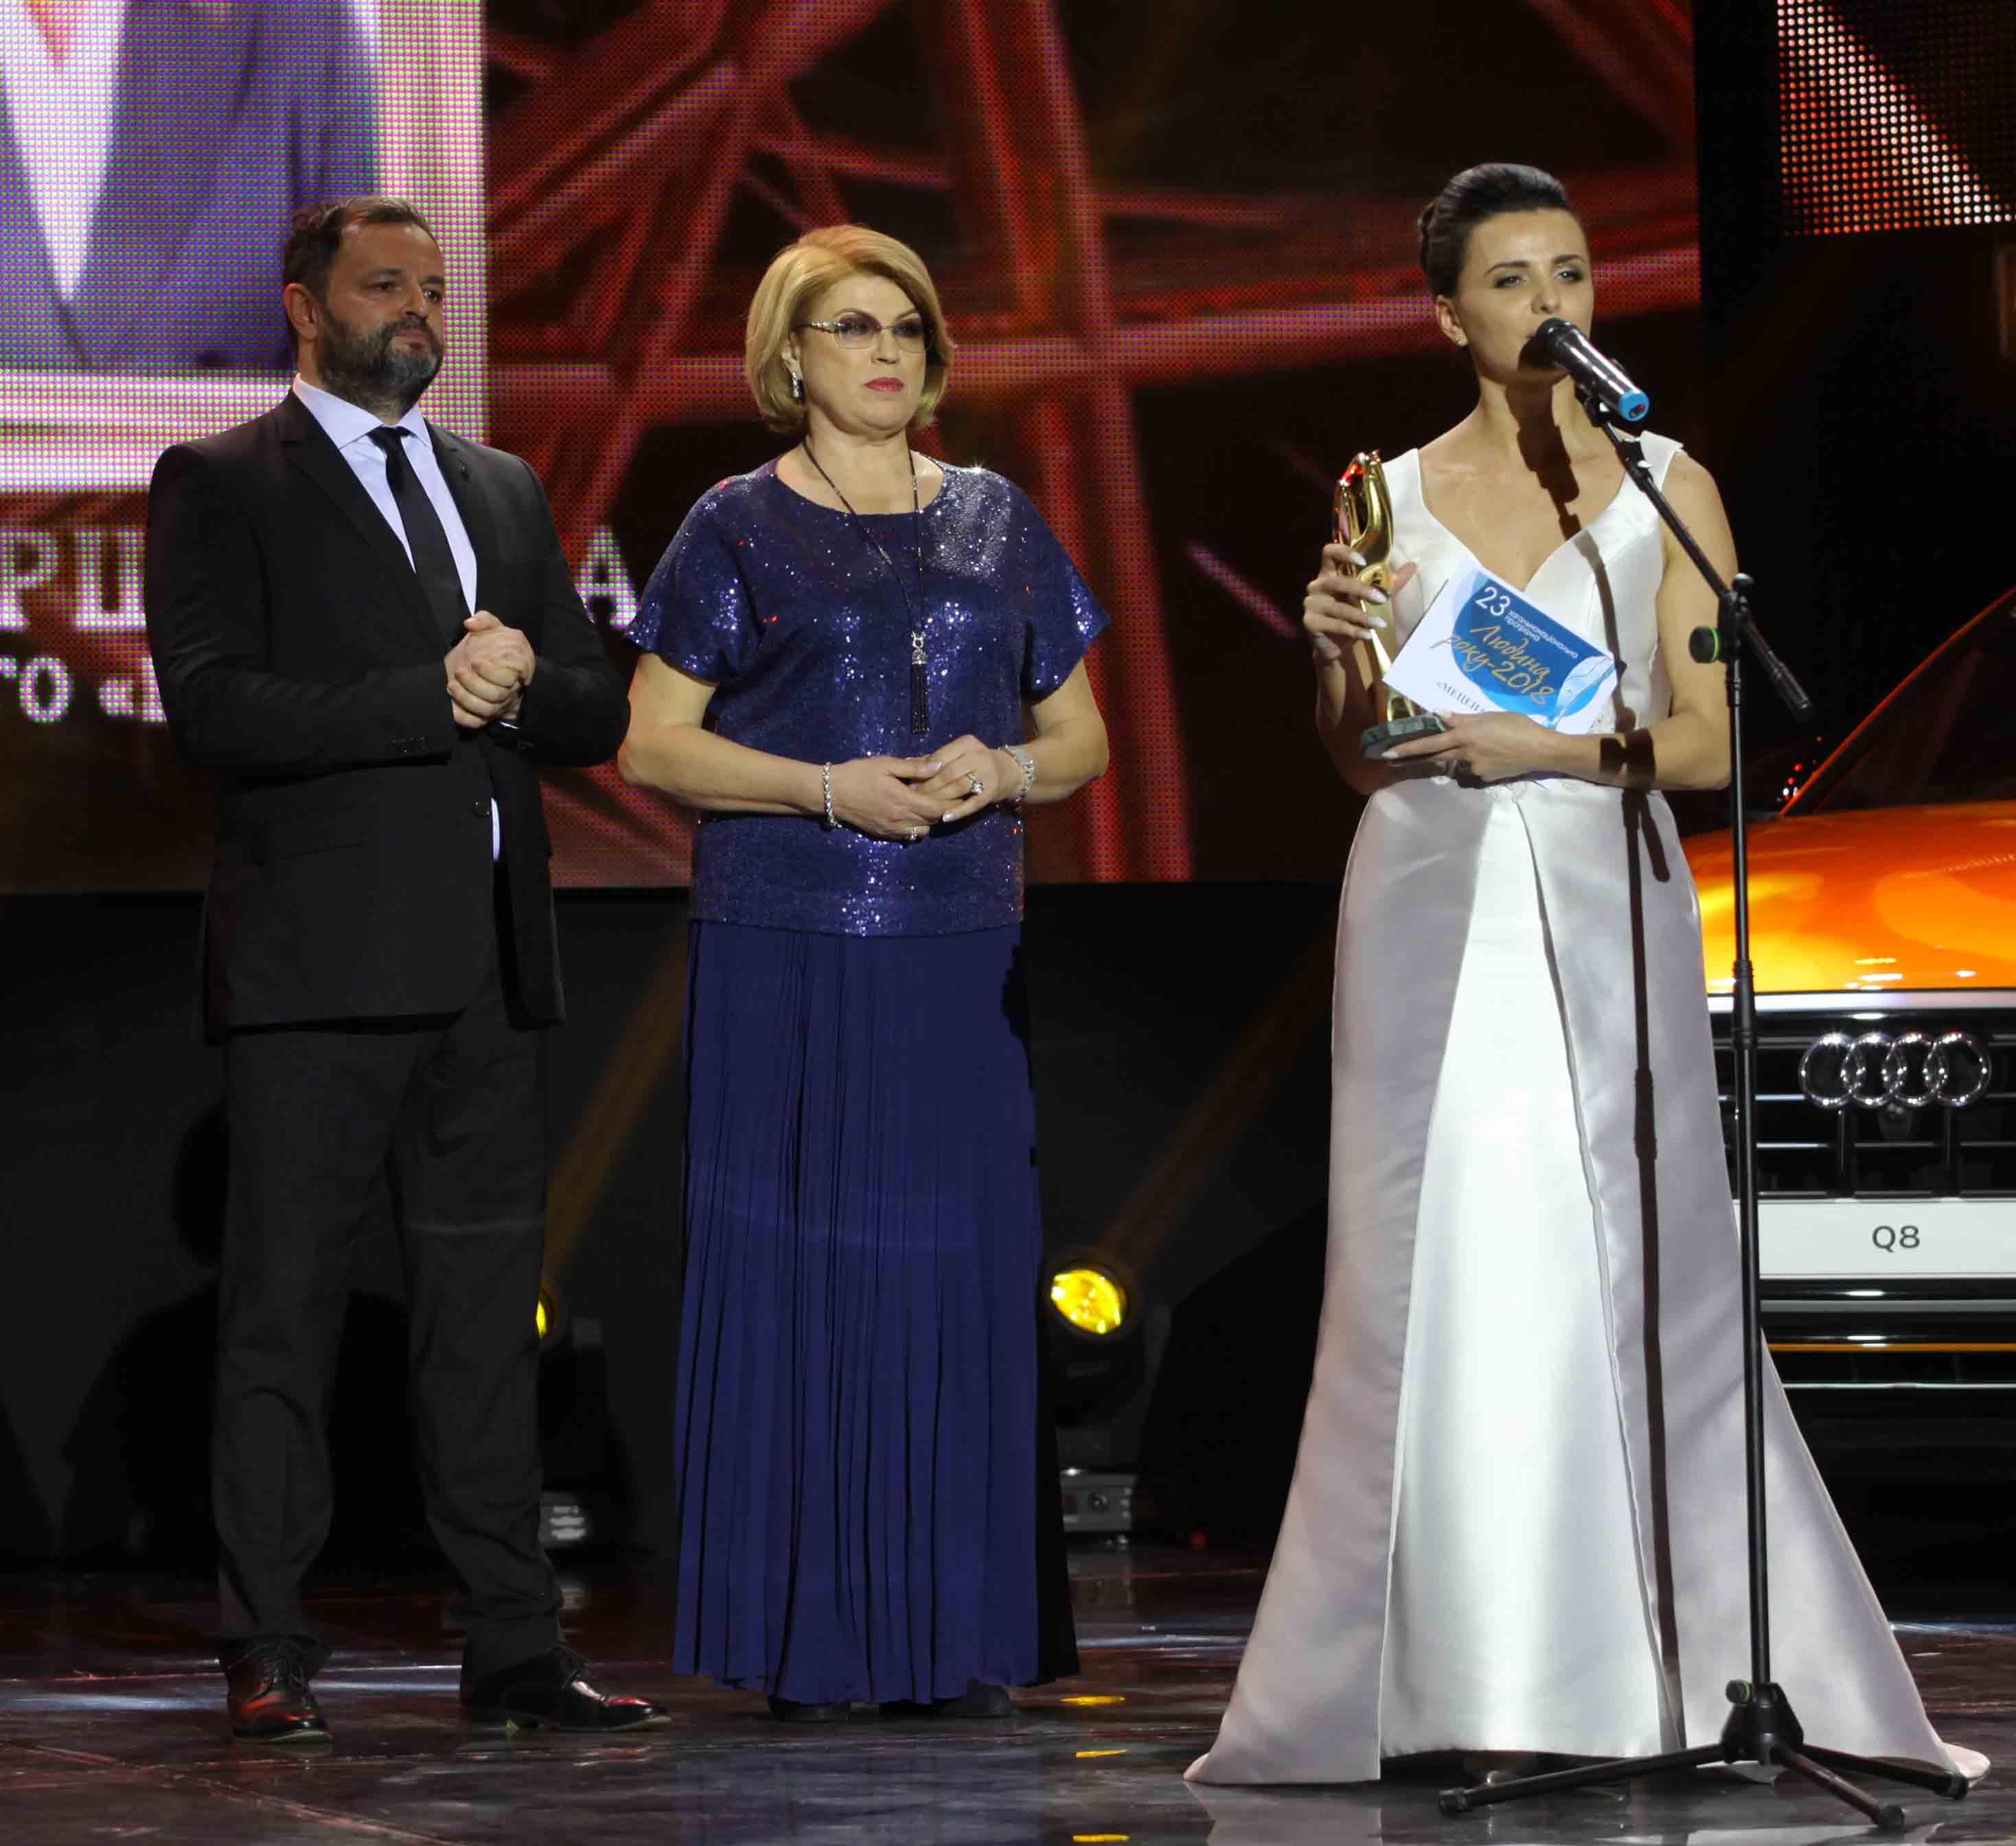 Человек года – 2018 награждение победителей 23 общенациональной премии Коршунова